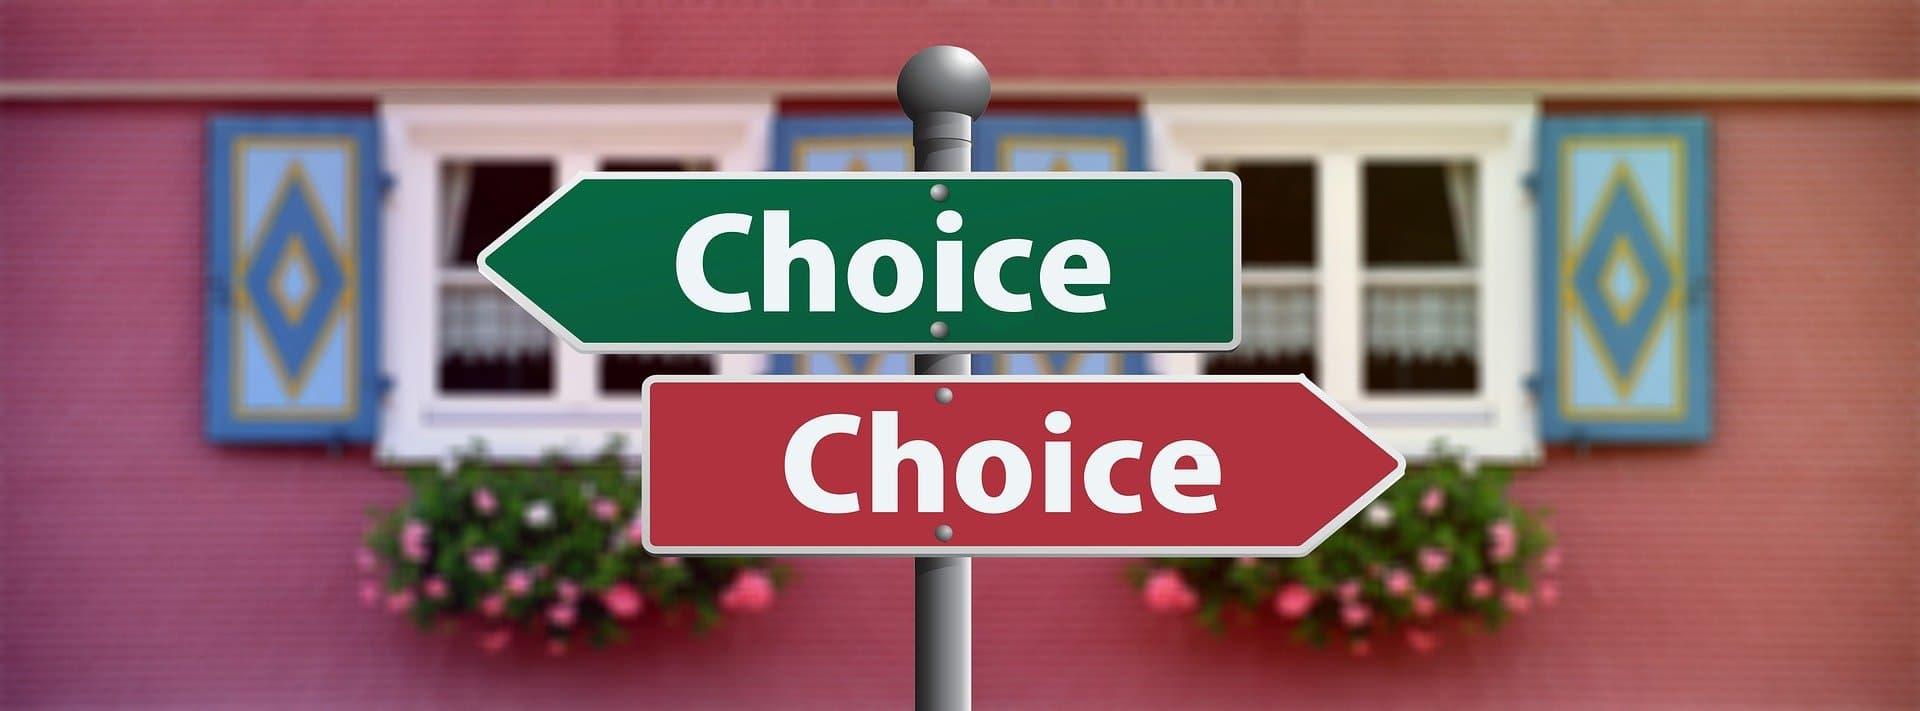 Wegweiser Entscheidung schwierig Selbstfürsorge